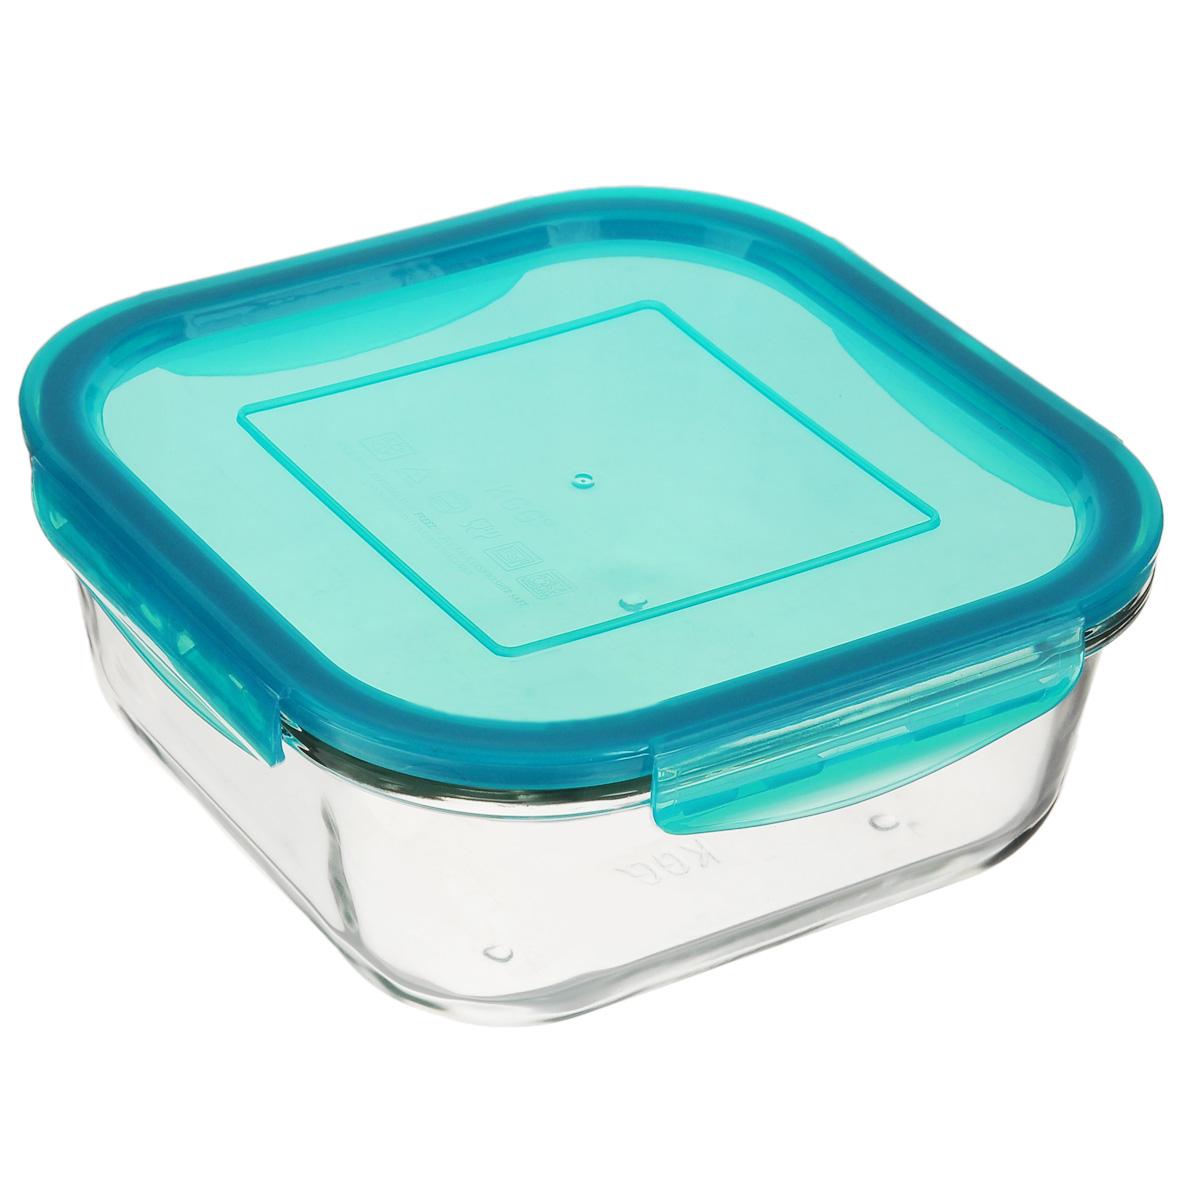 Форма для запекания Mijotex с крышкой, квадратная, цвет: голубой, 18 х 18 смLSQ10CКвадратная форма для запекания Mijotex изготовлена из жаропрочного стекла, которое выдерживает температуру до +450°С. Форма предназначена для приготовления горячих блюд. Оснащена герметичной пластиковой крышкой с силиконовым уплотнителем для хранения продуктов. Материал изделия гигиеничен, прост в уходе и обладает высокой степенью прочности. Форма (без крышки) идеально подходит для использования в духовках, микроволновых печах, холодильниках и морозильных камерах. Также ее можно использовать на газовых плитах (на слабом огне) и на электроплитах. Можно мыть в посудомоечной машине. Размер формы (по верхнему краю): 18 см х 18 см. Высота стенки формы: 7 см.